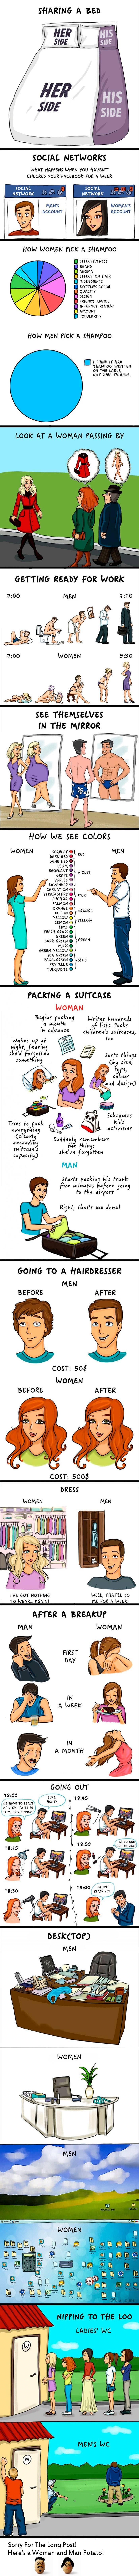 Sự khác biệt giữa nam và nữ